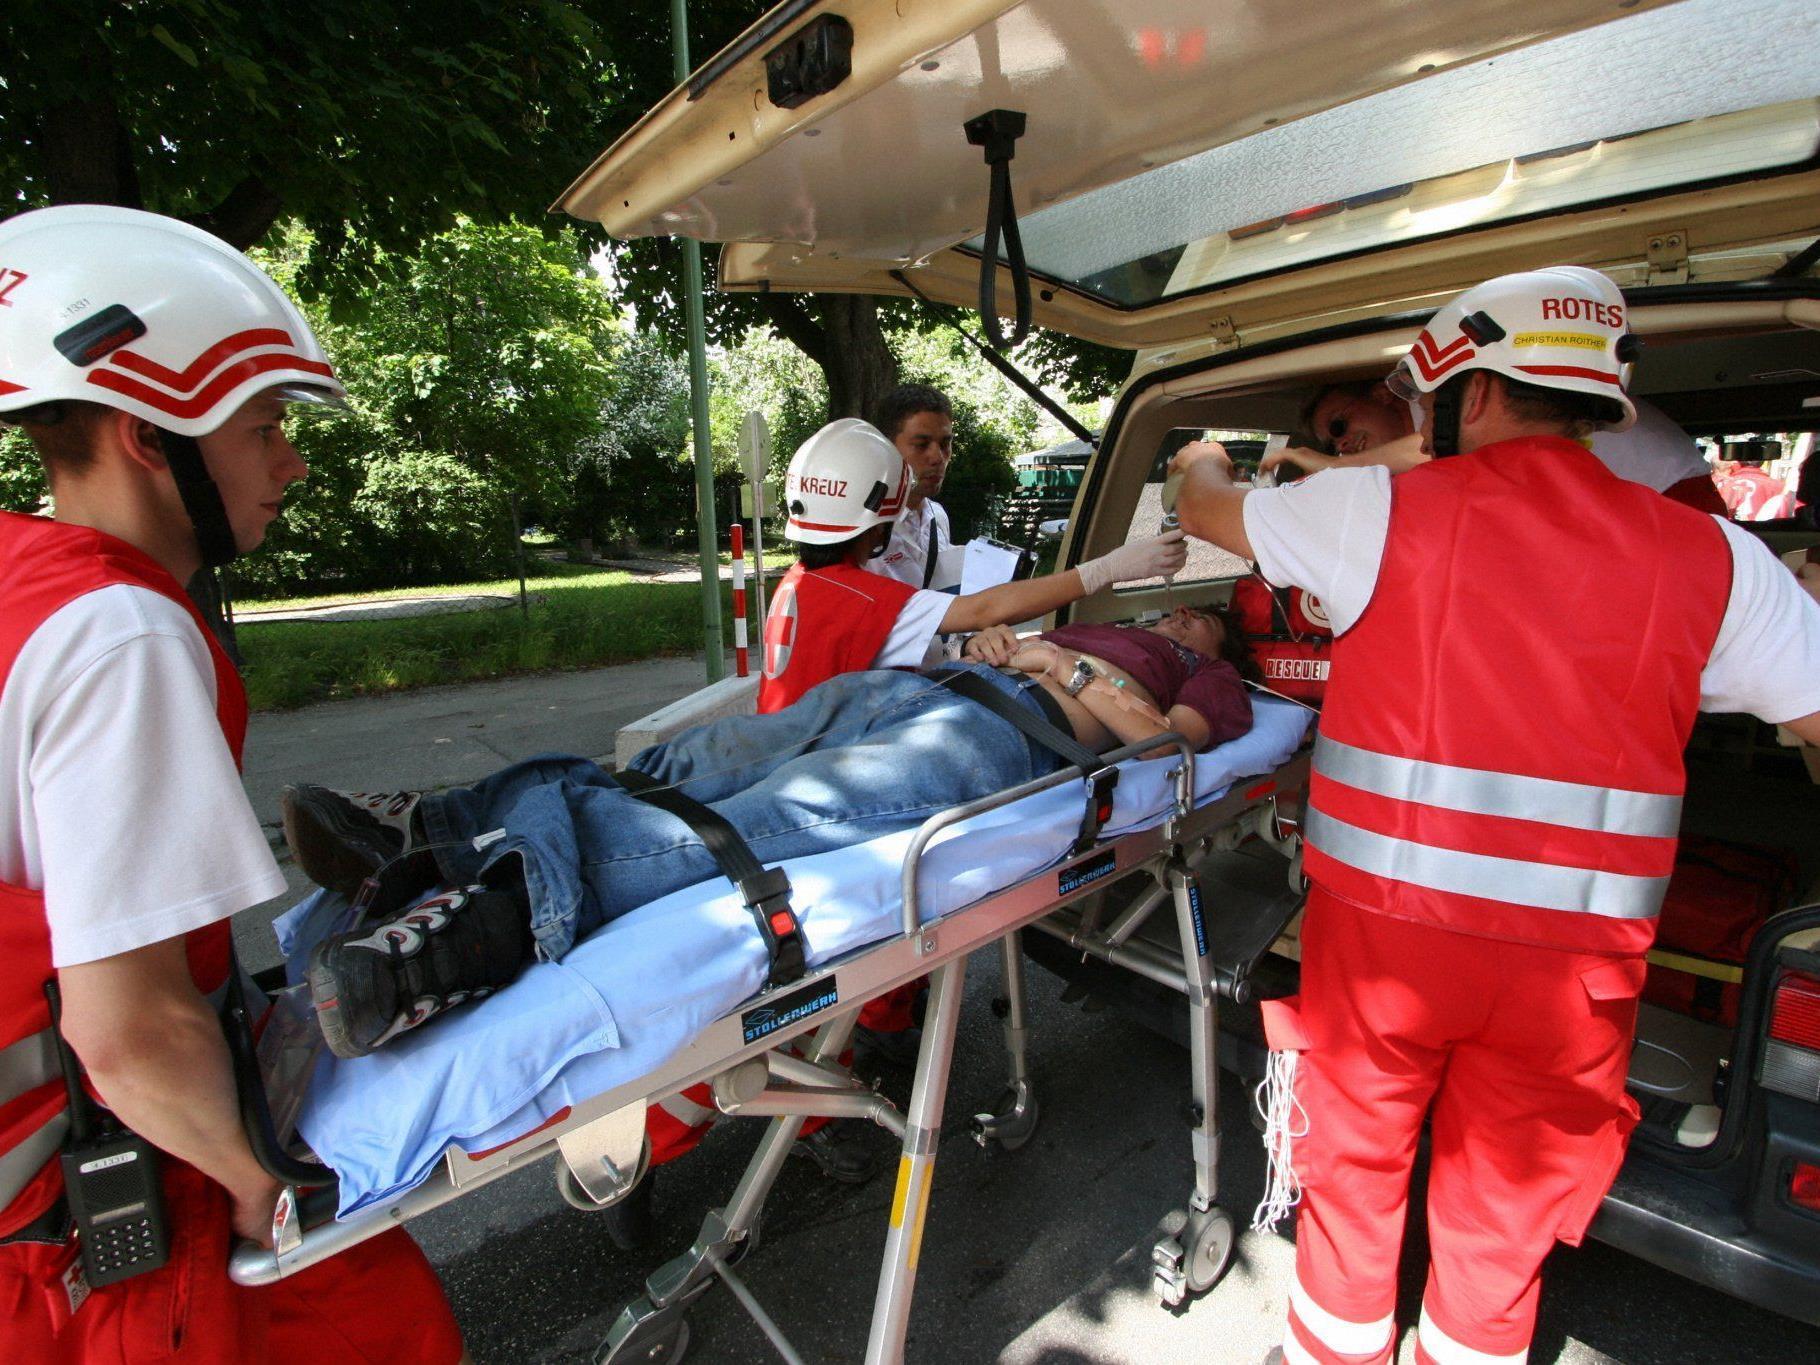 Sämtliche Rettungs- und Hilfsdienste werden unter dem Dach der Akademie der Sicherheit vereint sein